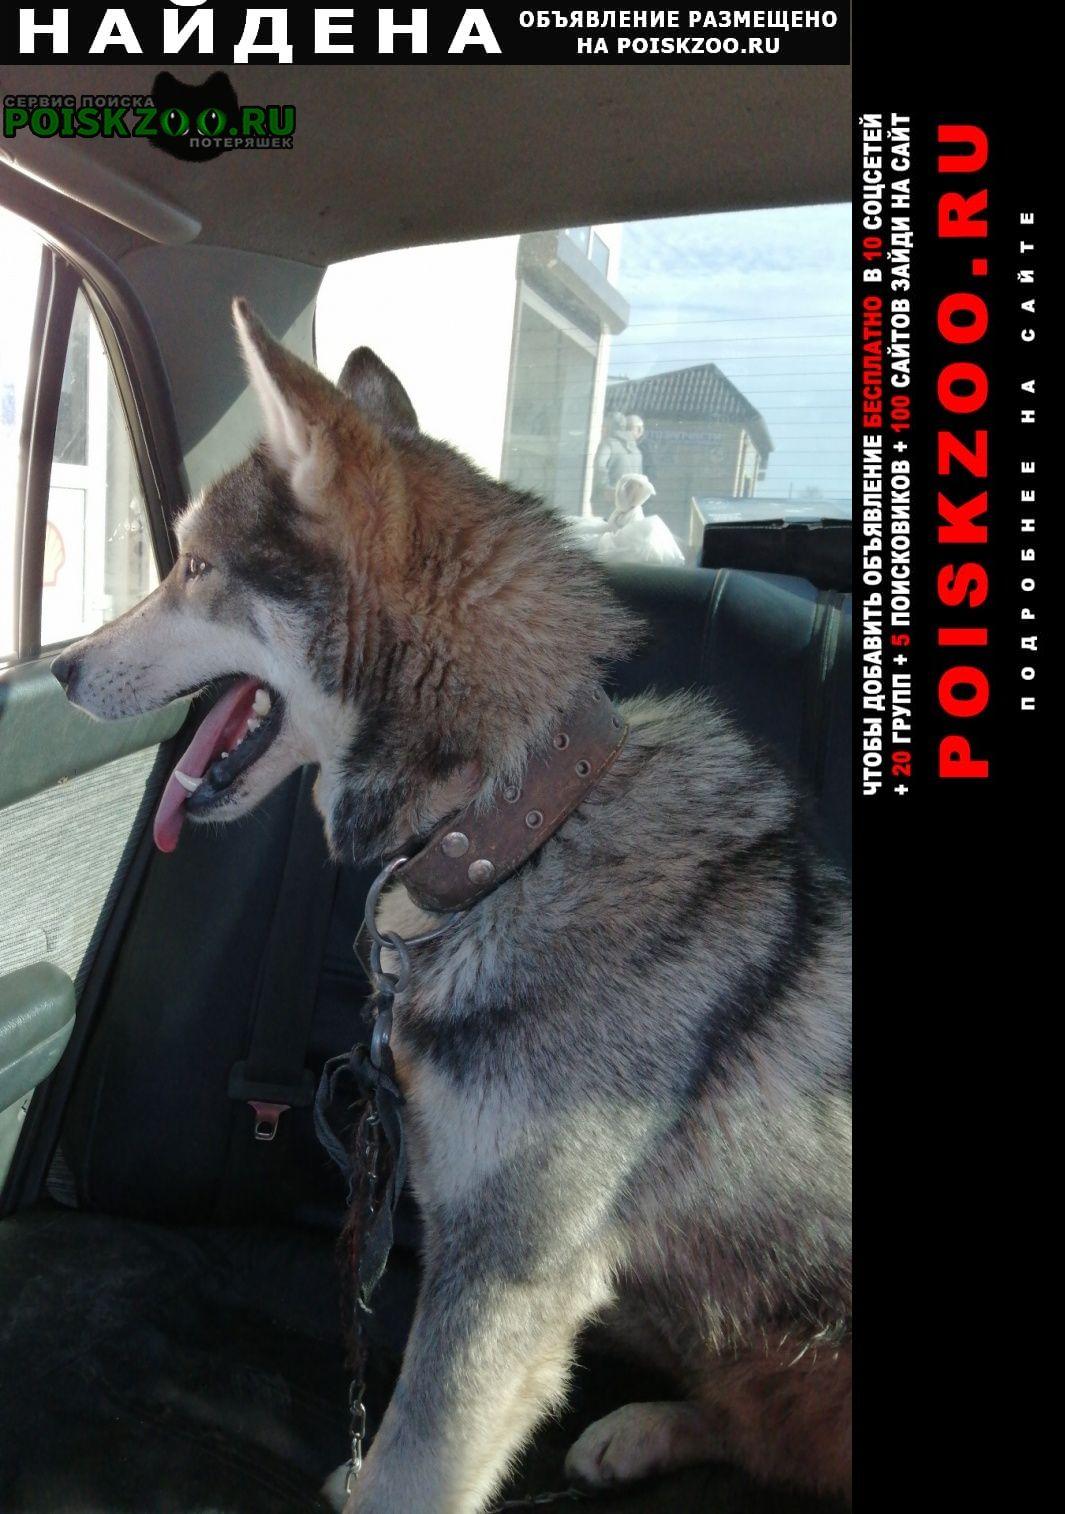 Найдена собака лайка, кобель Ильский